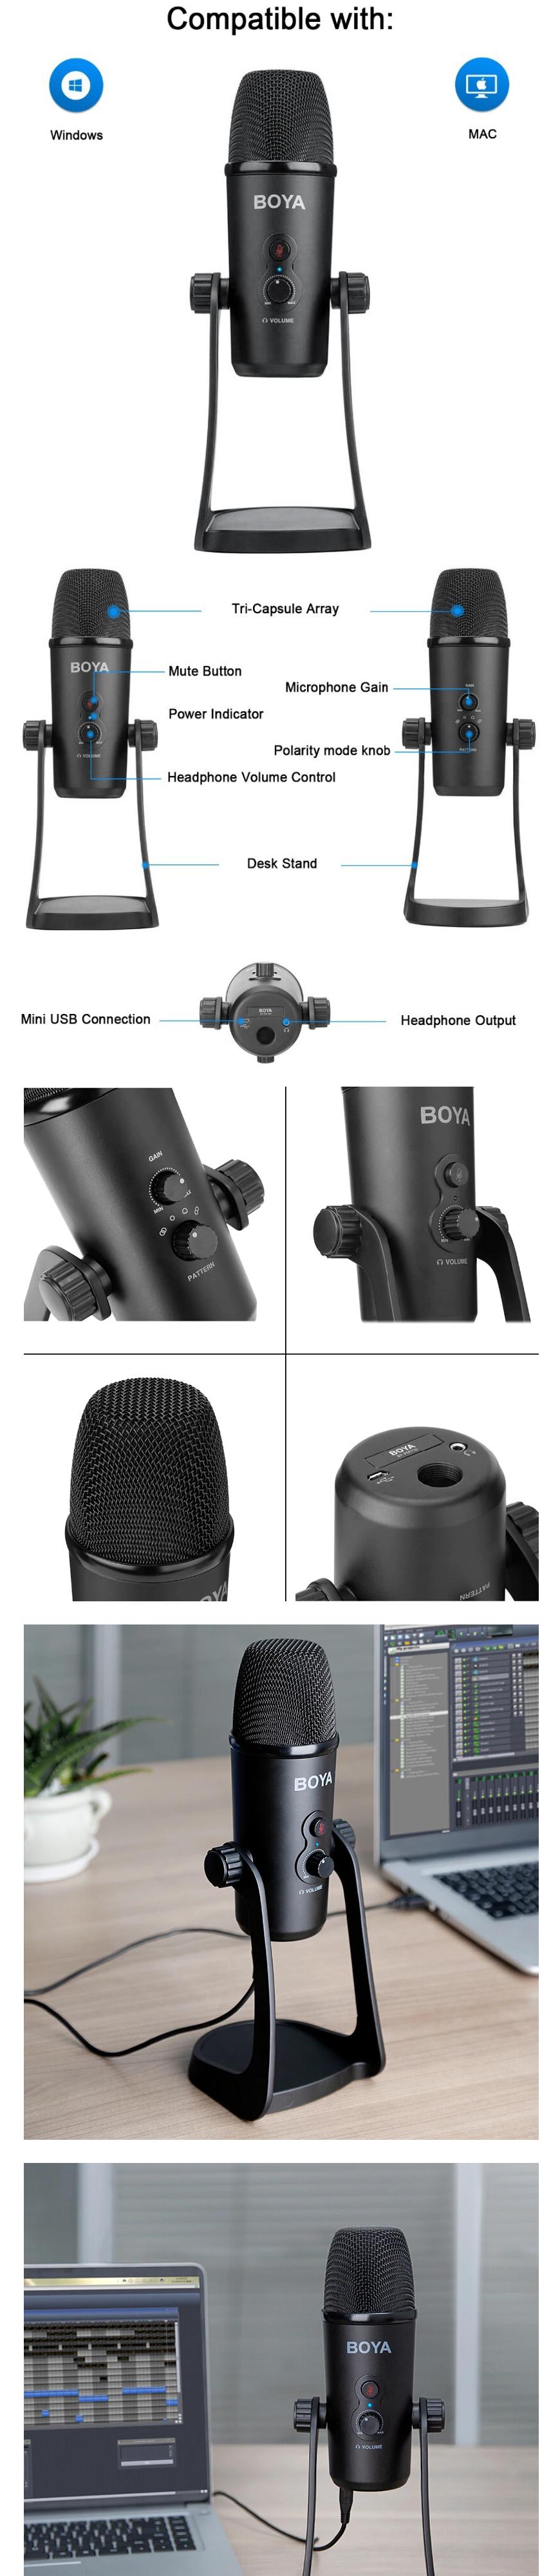 Конденсаторный микрофон BOYA с USB, тройная капсула, для ПК, ноутбука